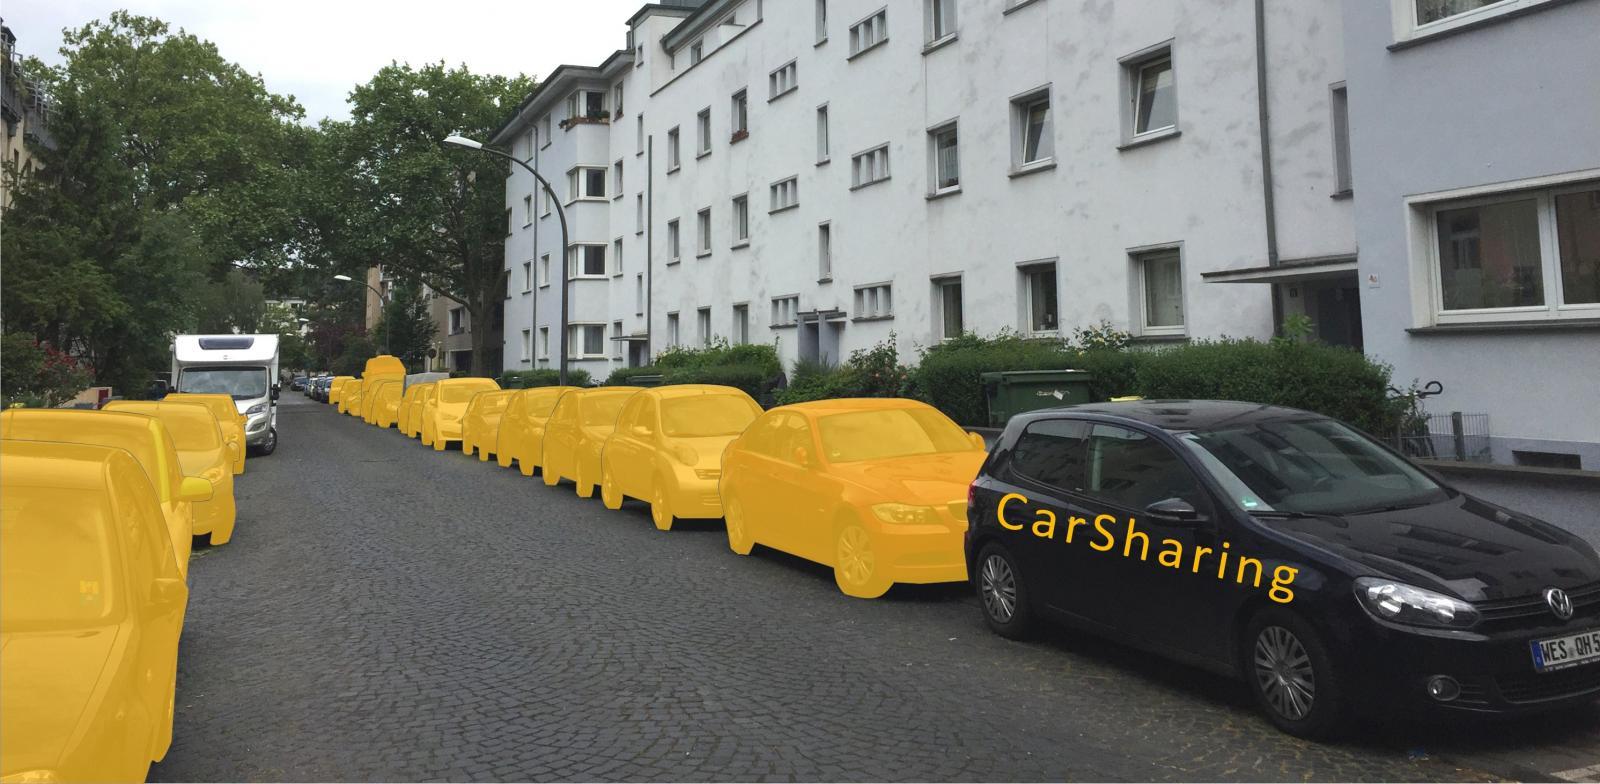 Ein CarSharing-Fahrzeug ersetzt 20 Pkw, Beispiel Köln (Bild: bcs)